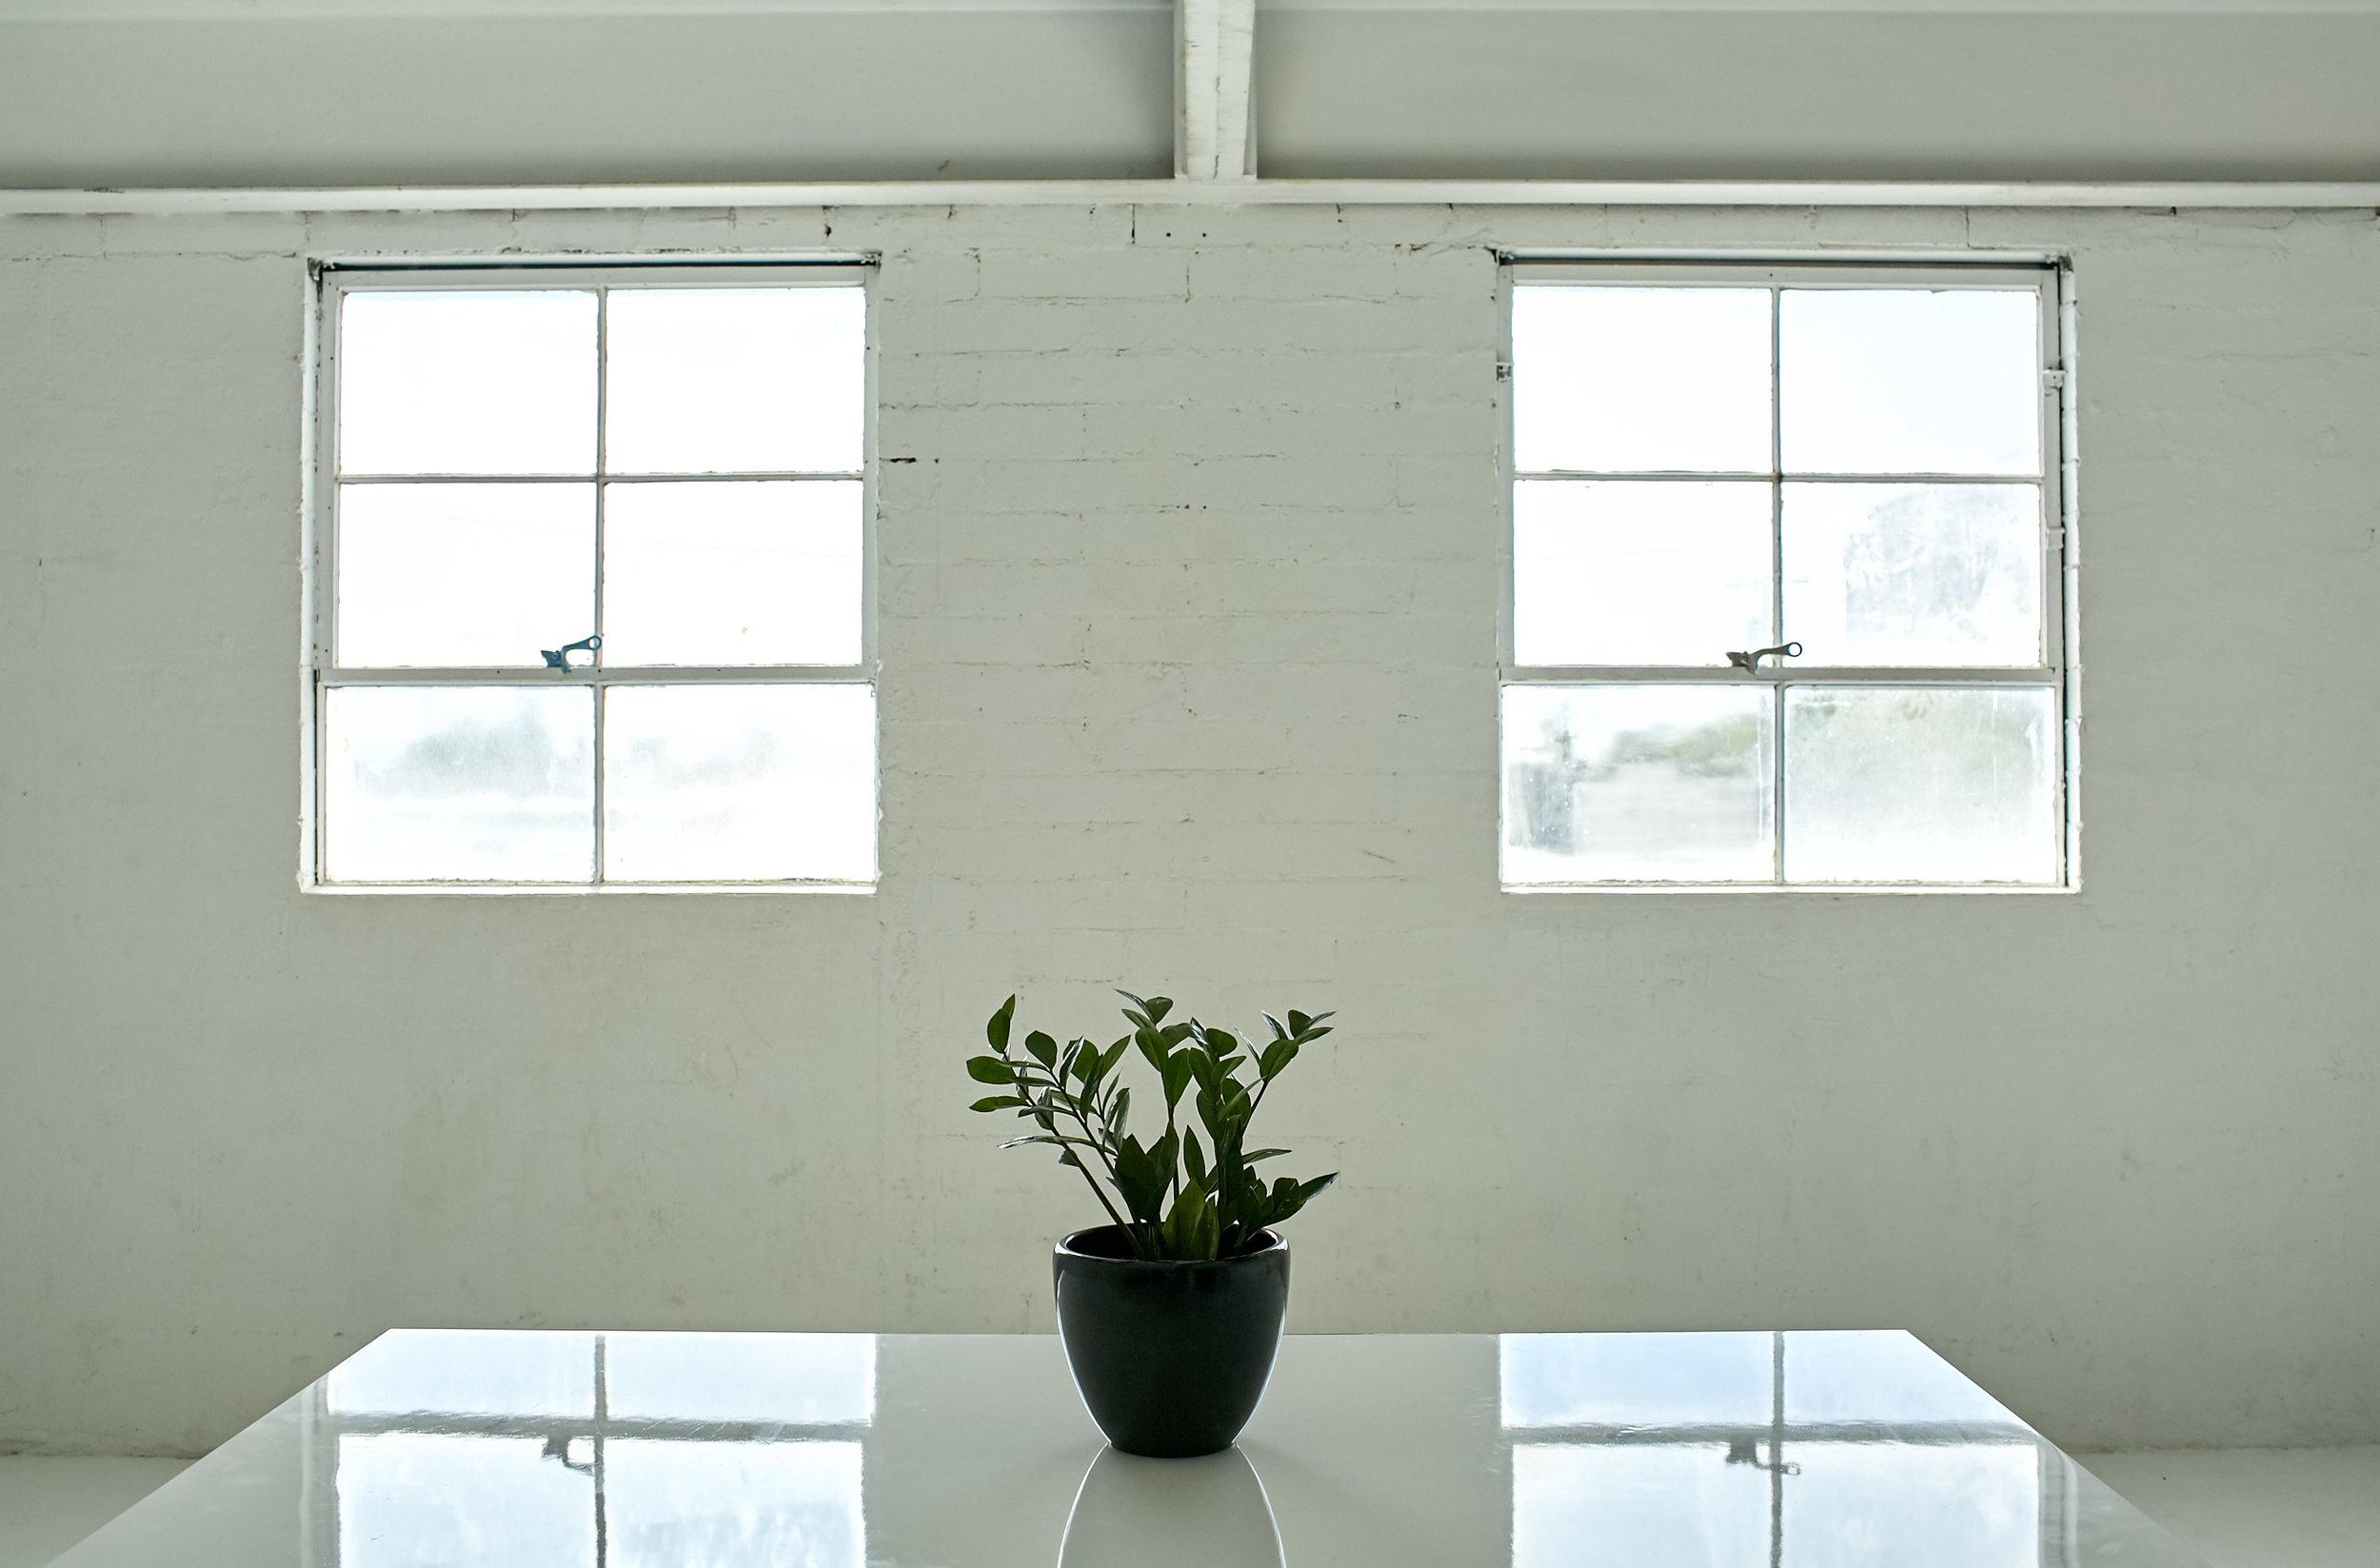 blok-van-buren-plant